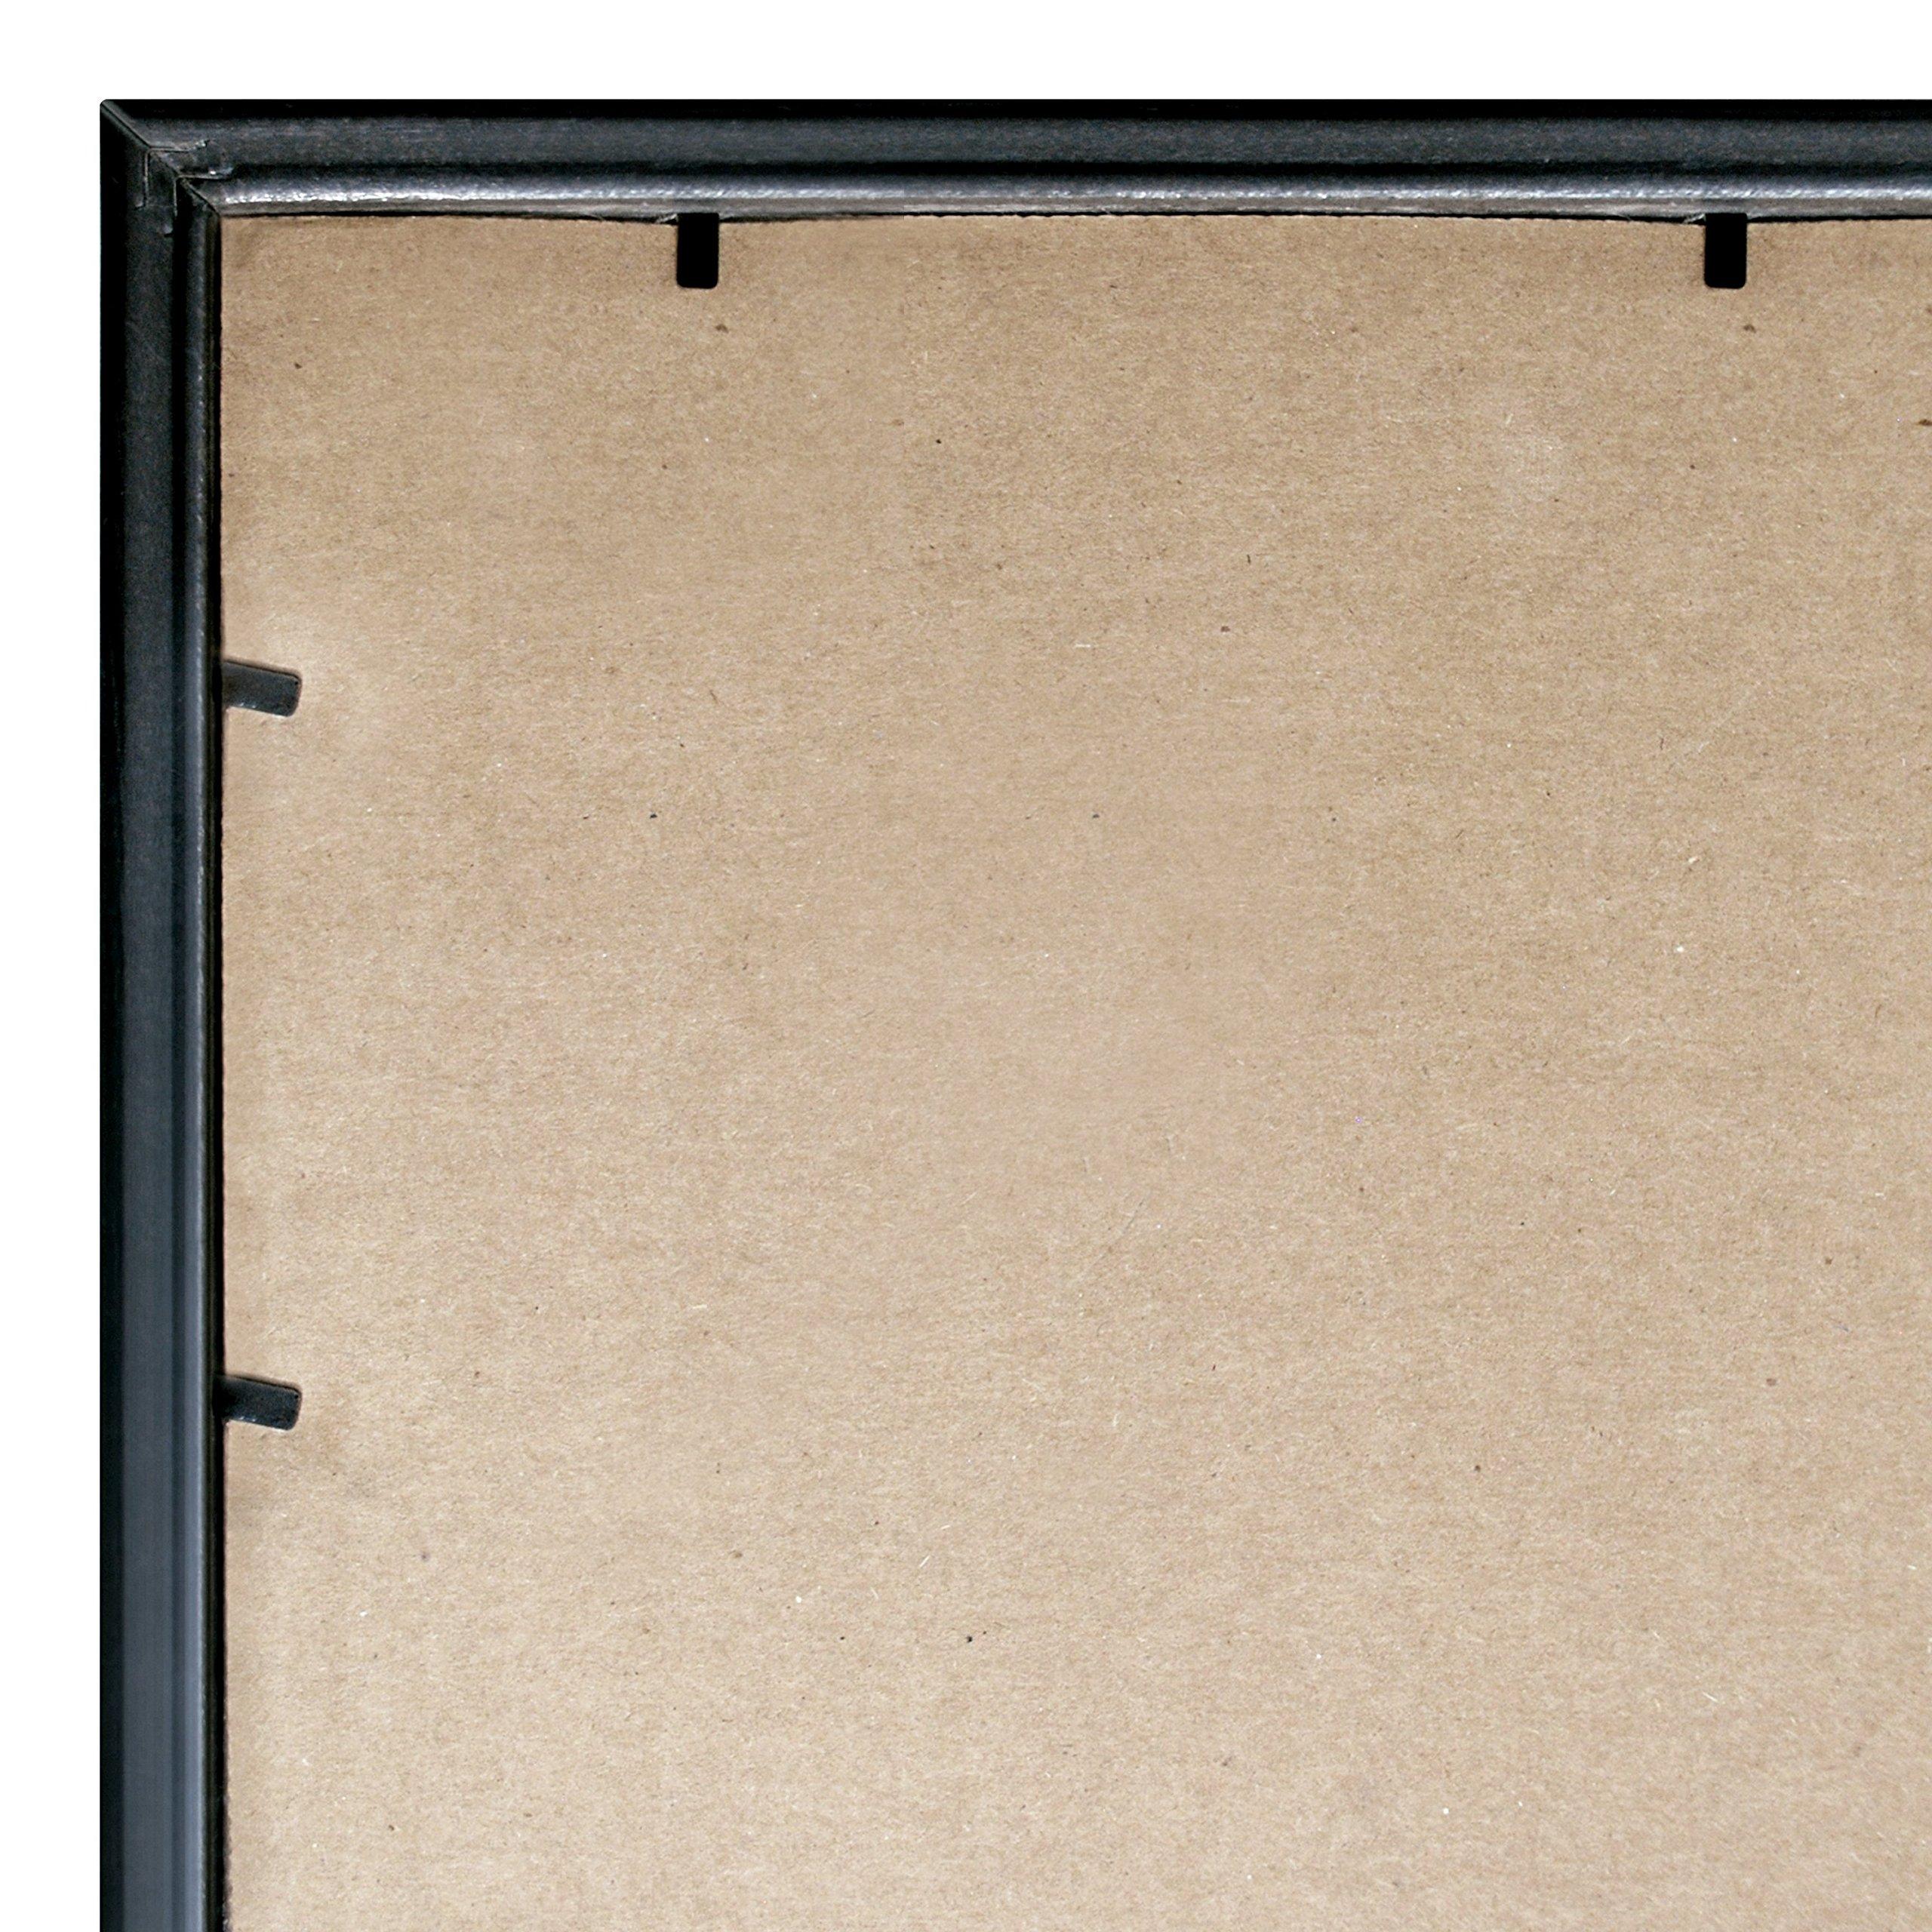 MCS Trendsetter 16x20 Inch Poster Frame (2pk), Black (65682) by MCS (Image #5)